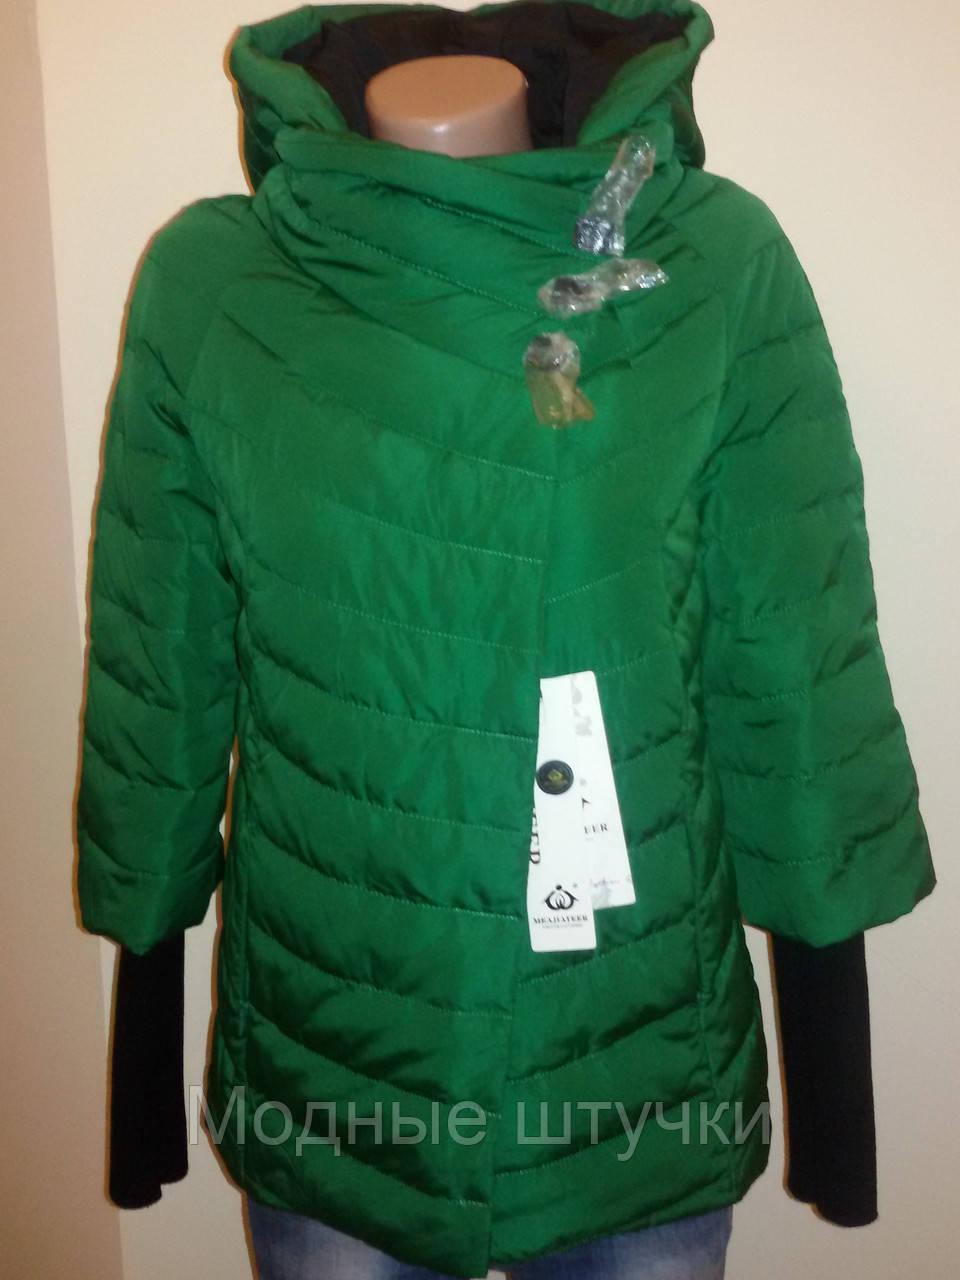 cc603e7d255 Куртка женская весна-осень зеленая 16-08 - Модные штучки в Николаеве